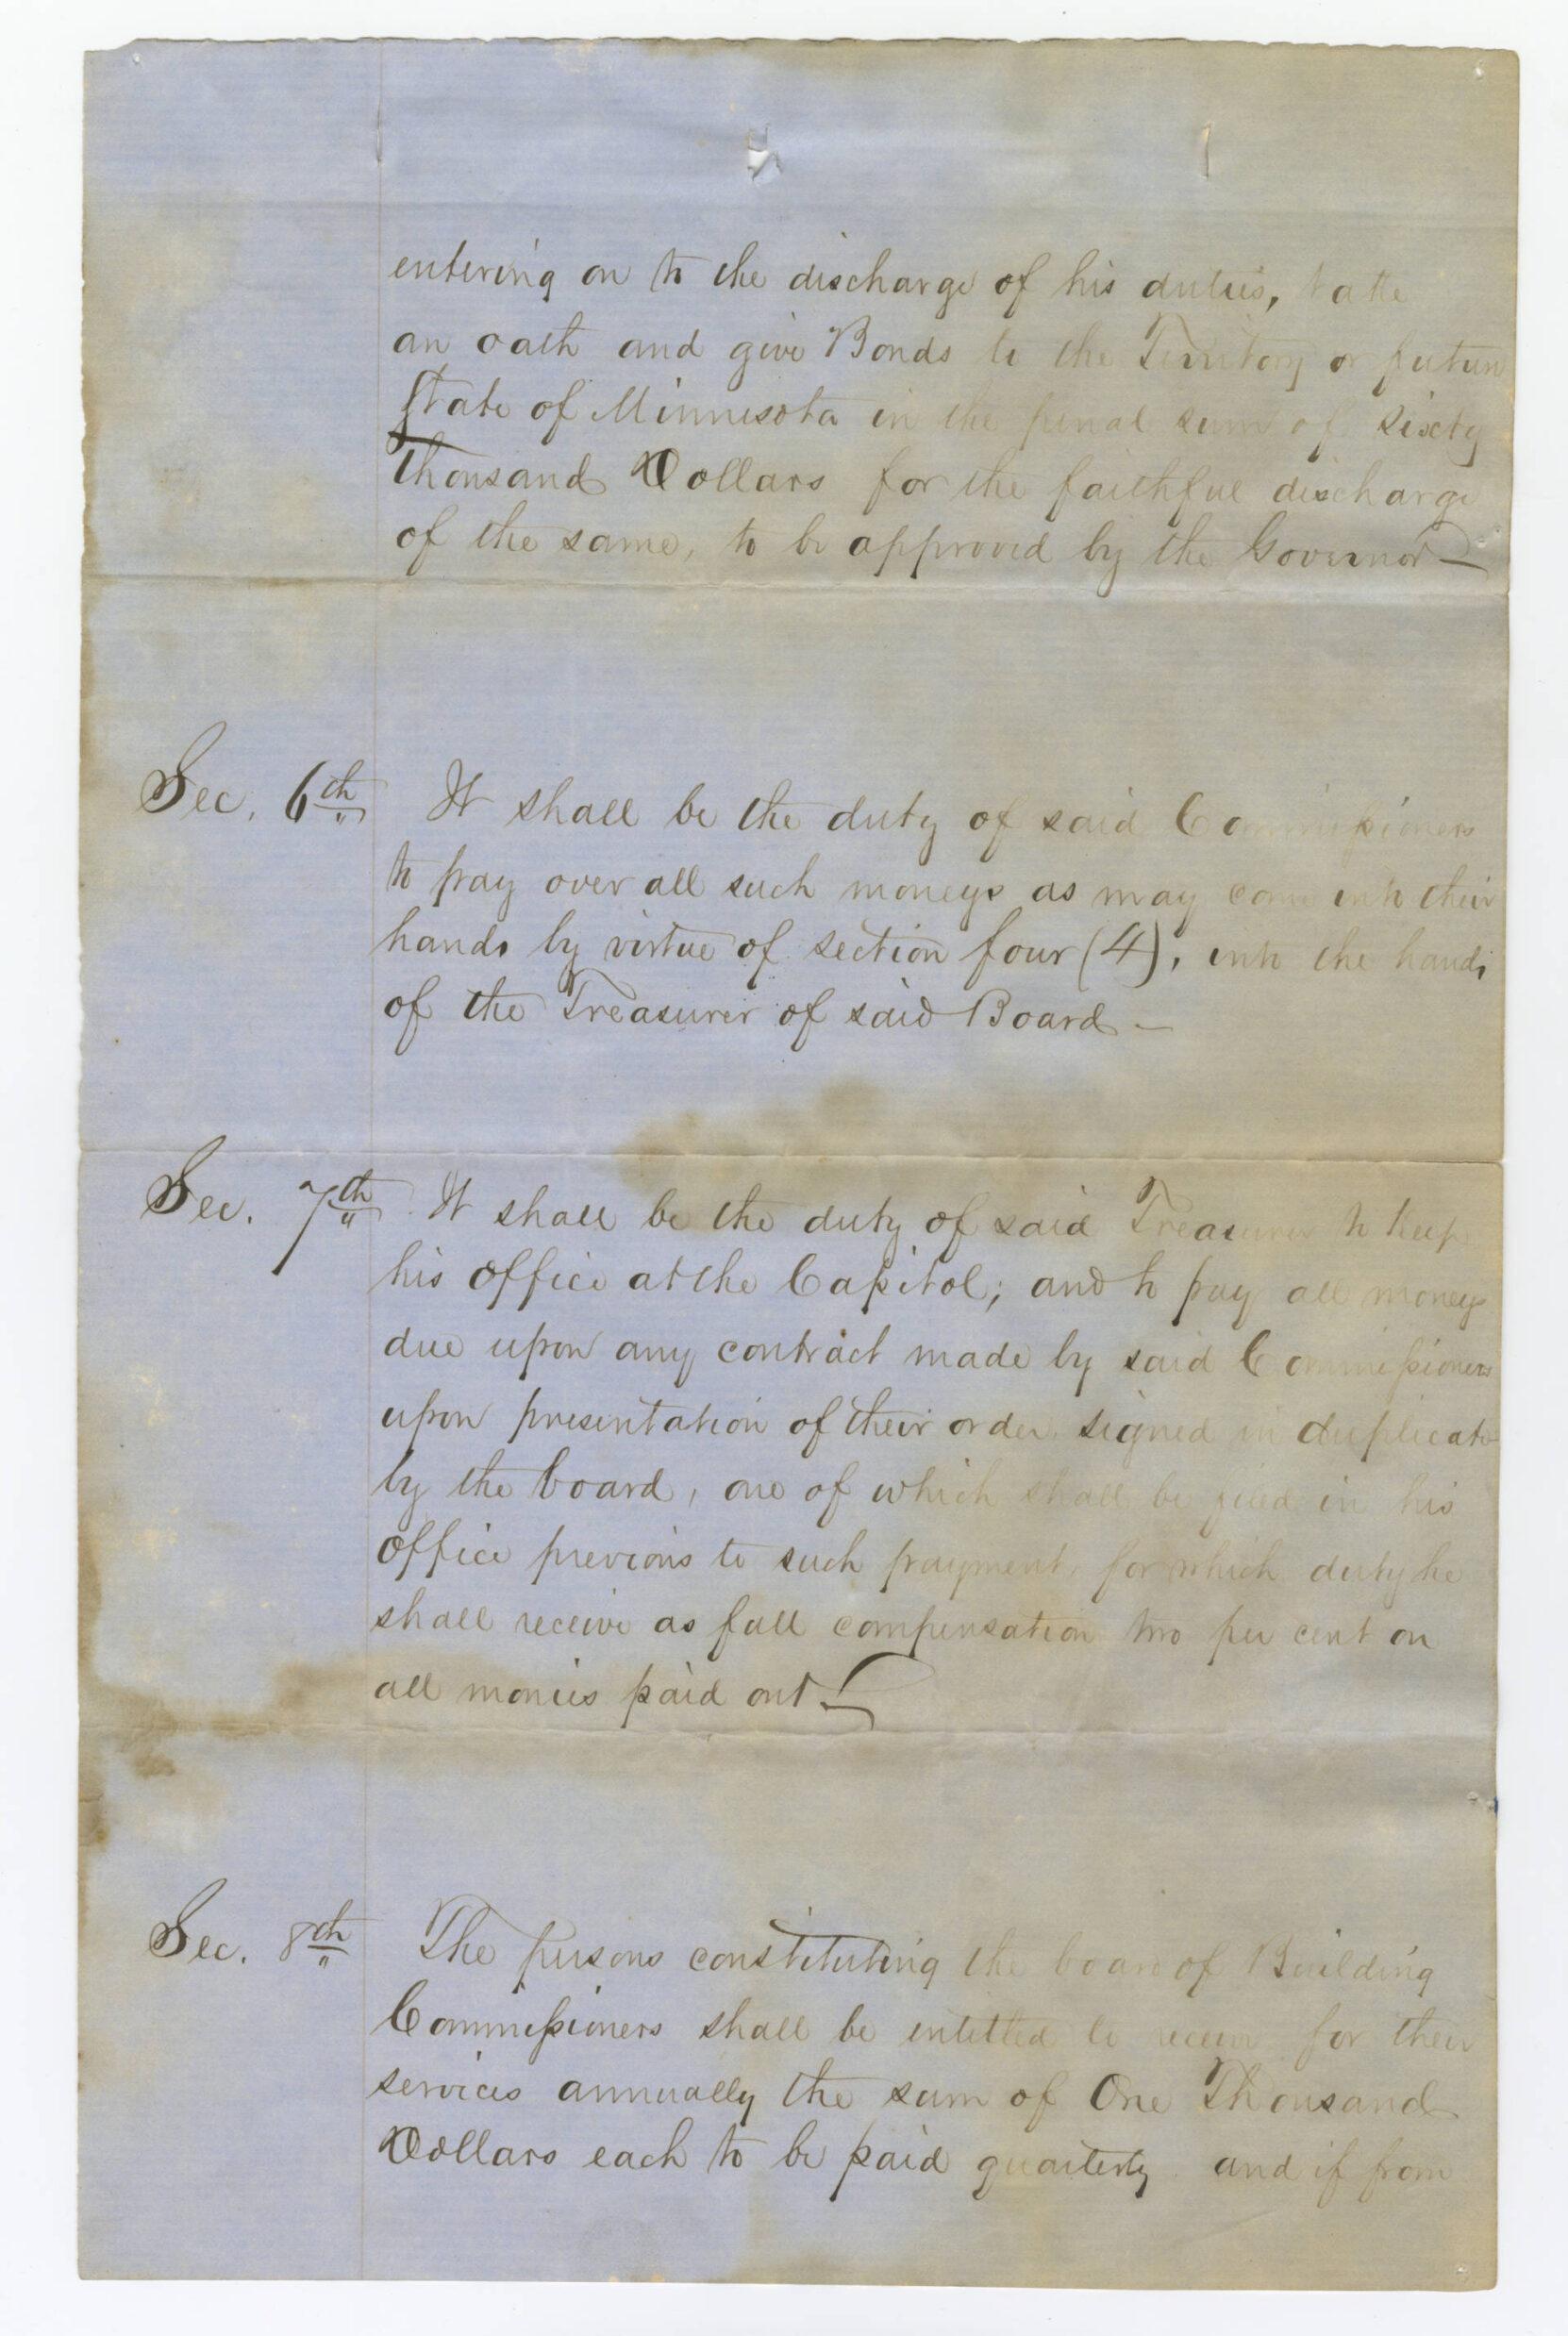 Bill pg 3